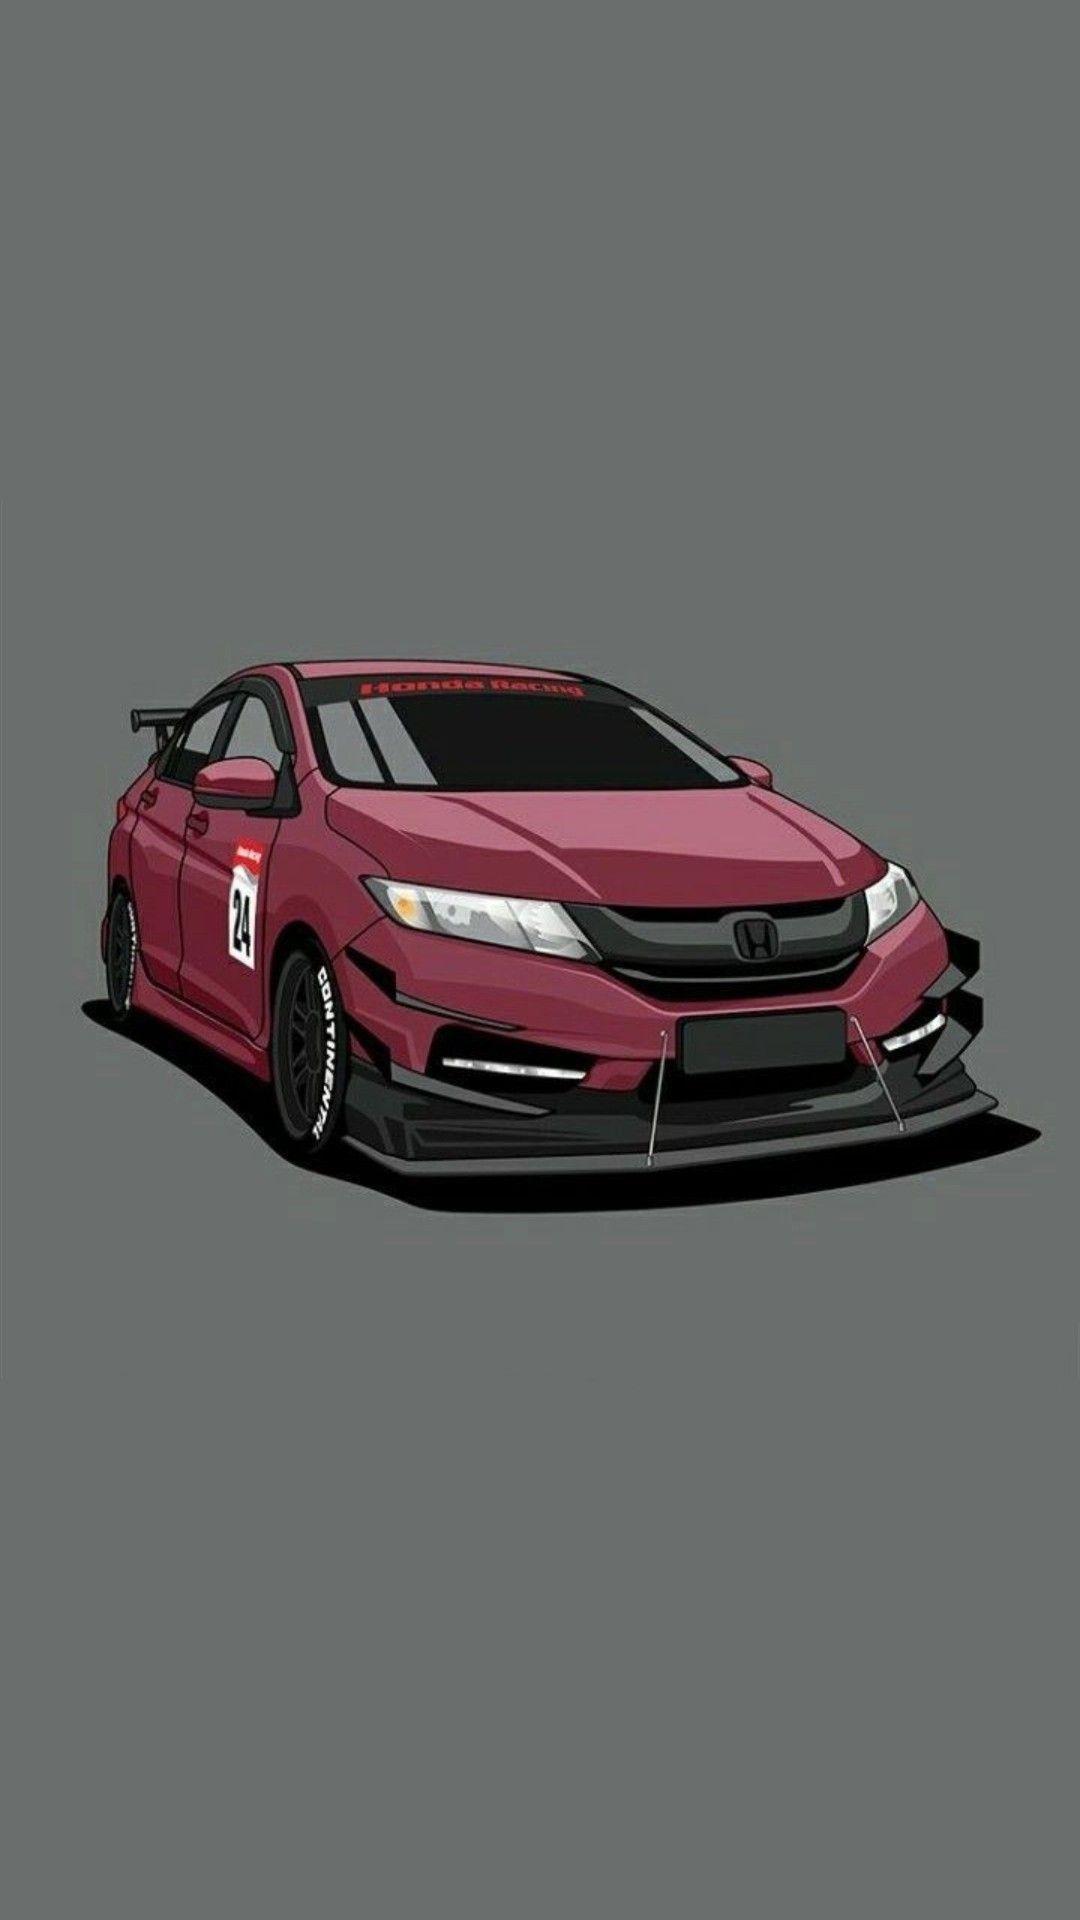 Gambar Mobil Honda Civic Type R Https Bit Ly 2c3rtck Pemandangan Pemandangan Indah Pemandangan Alam Honda Civic Honda Mobil